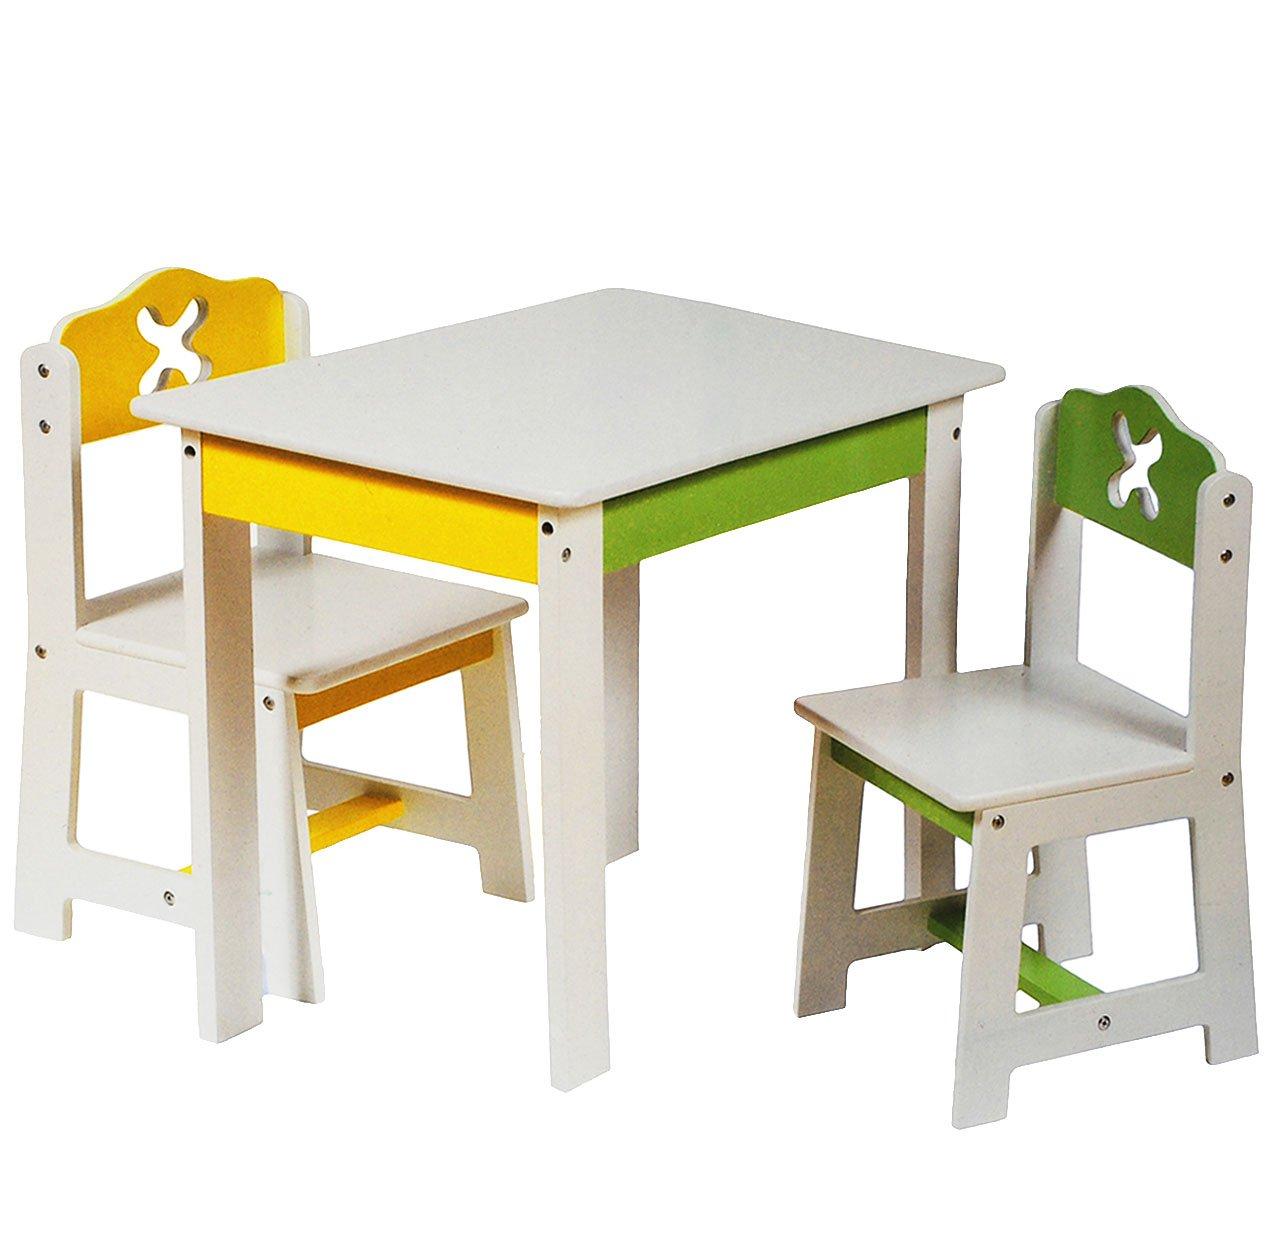 Kindermöbel tisch und stühle  Stuhl für Kinder - aus Holz -